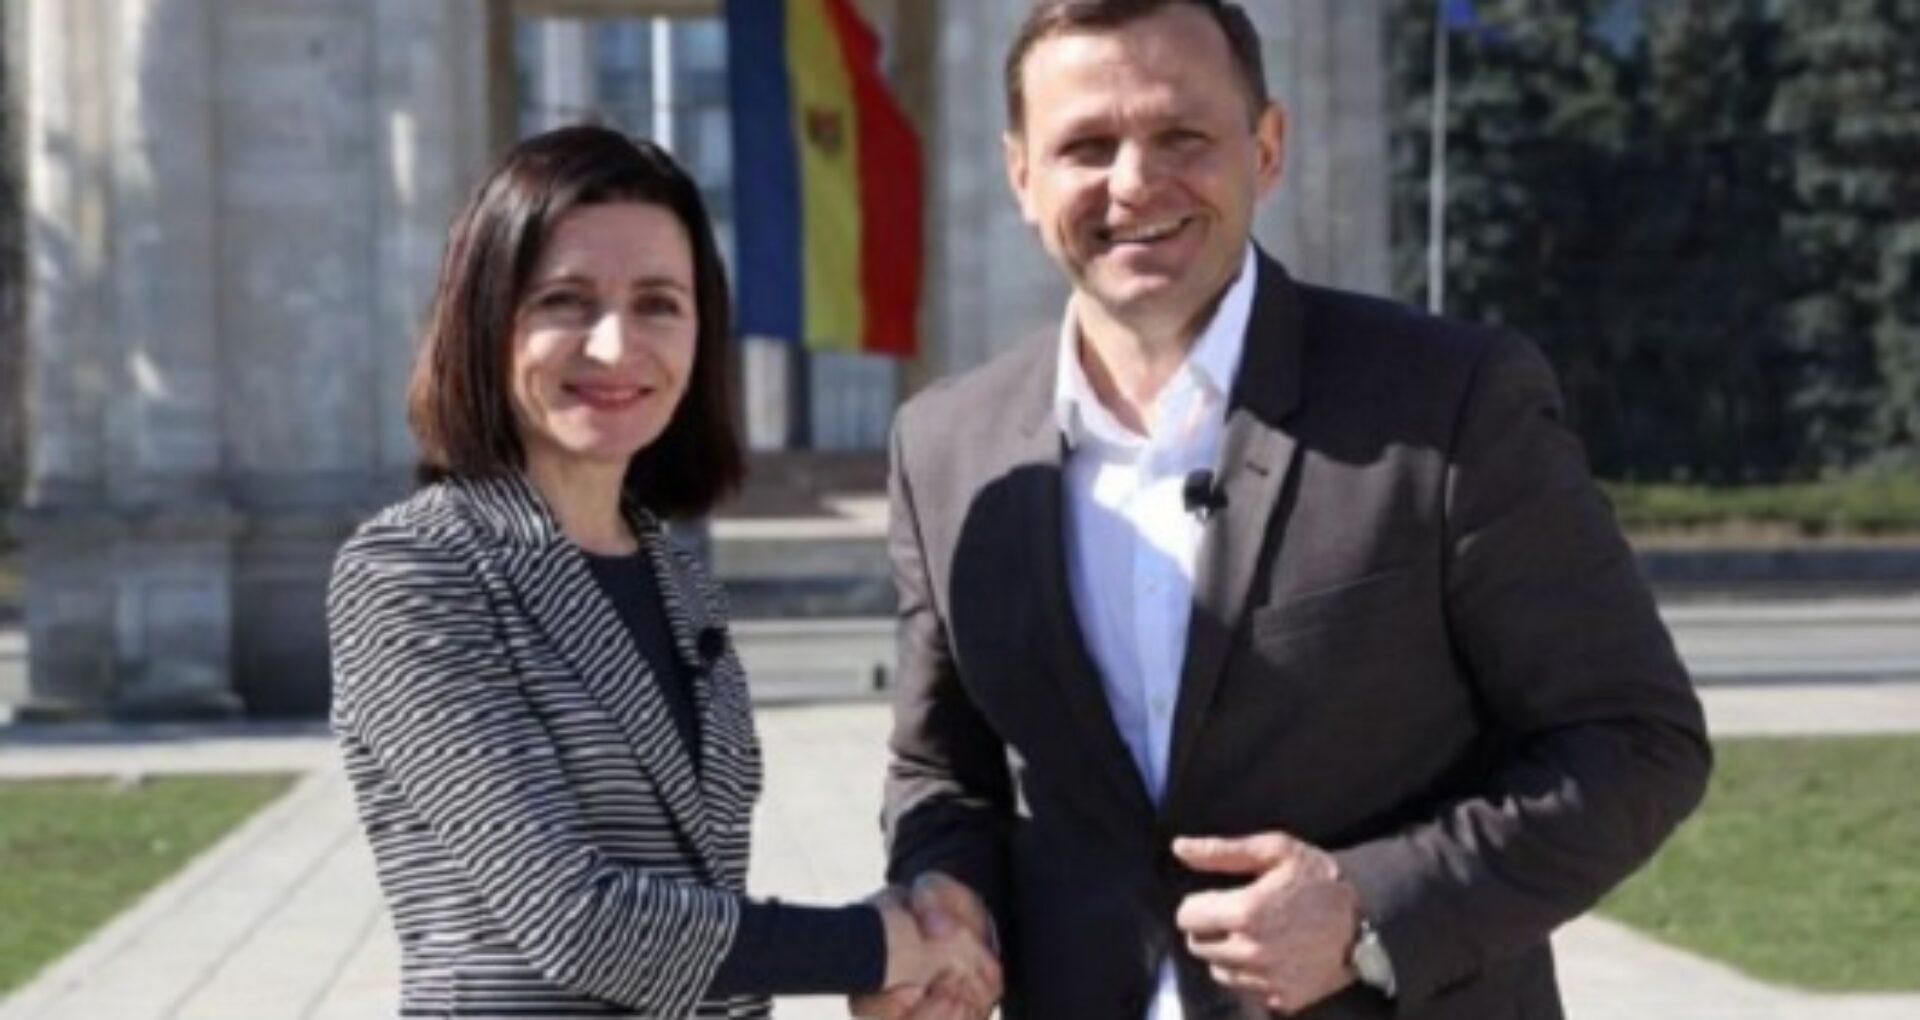 """Fost premier, despre Andrei Năstase și Maia Sandu, la prezidențiale: """"Maia Sandu nu este un candidat, este un fenomen. Liderul Platformei DA trebuie să se retragă și să o susțină"""""""